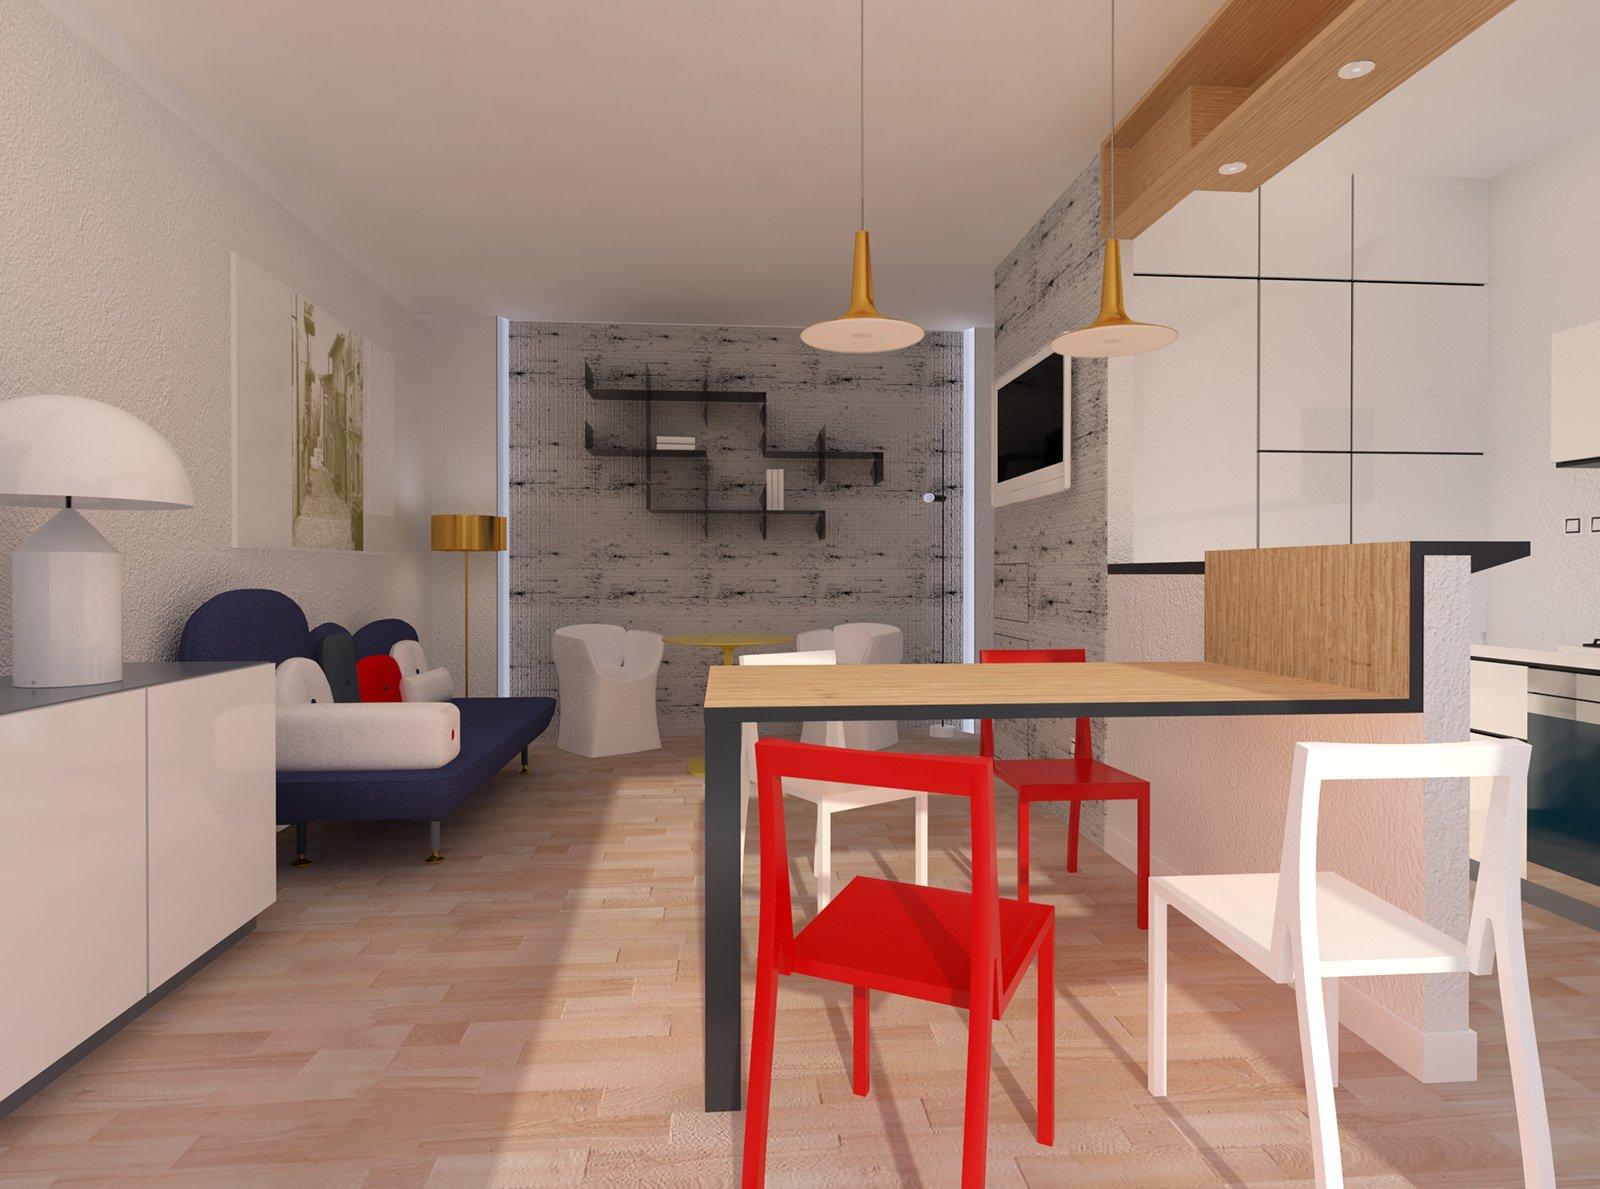 Arredare Il Soggiorno Zona Pranzo Con Cucina A Vista Cose Di Casa #B71714 1600 1189 Arredare Soggiorno E Sala Da Pranzo